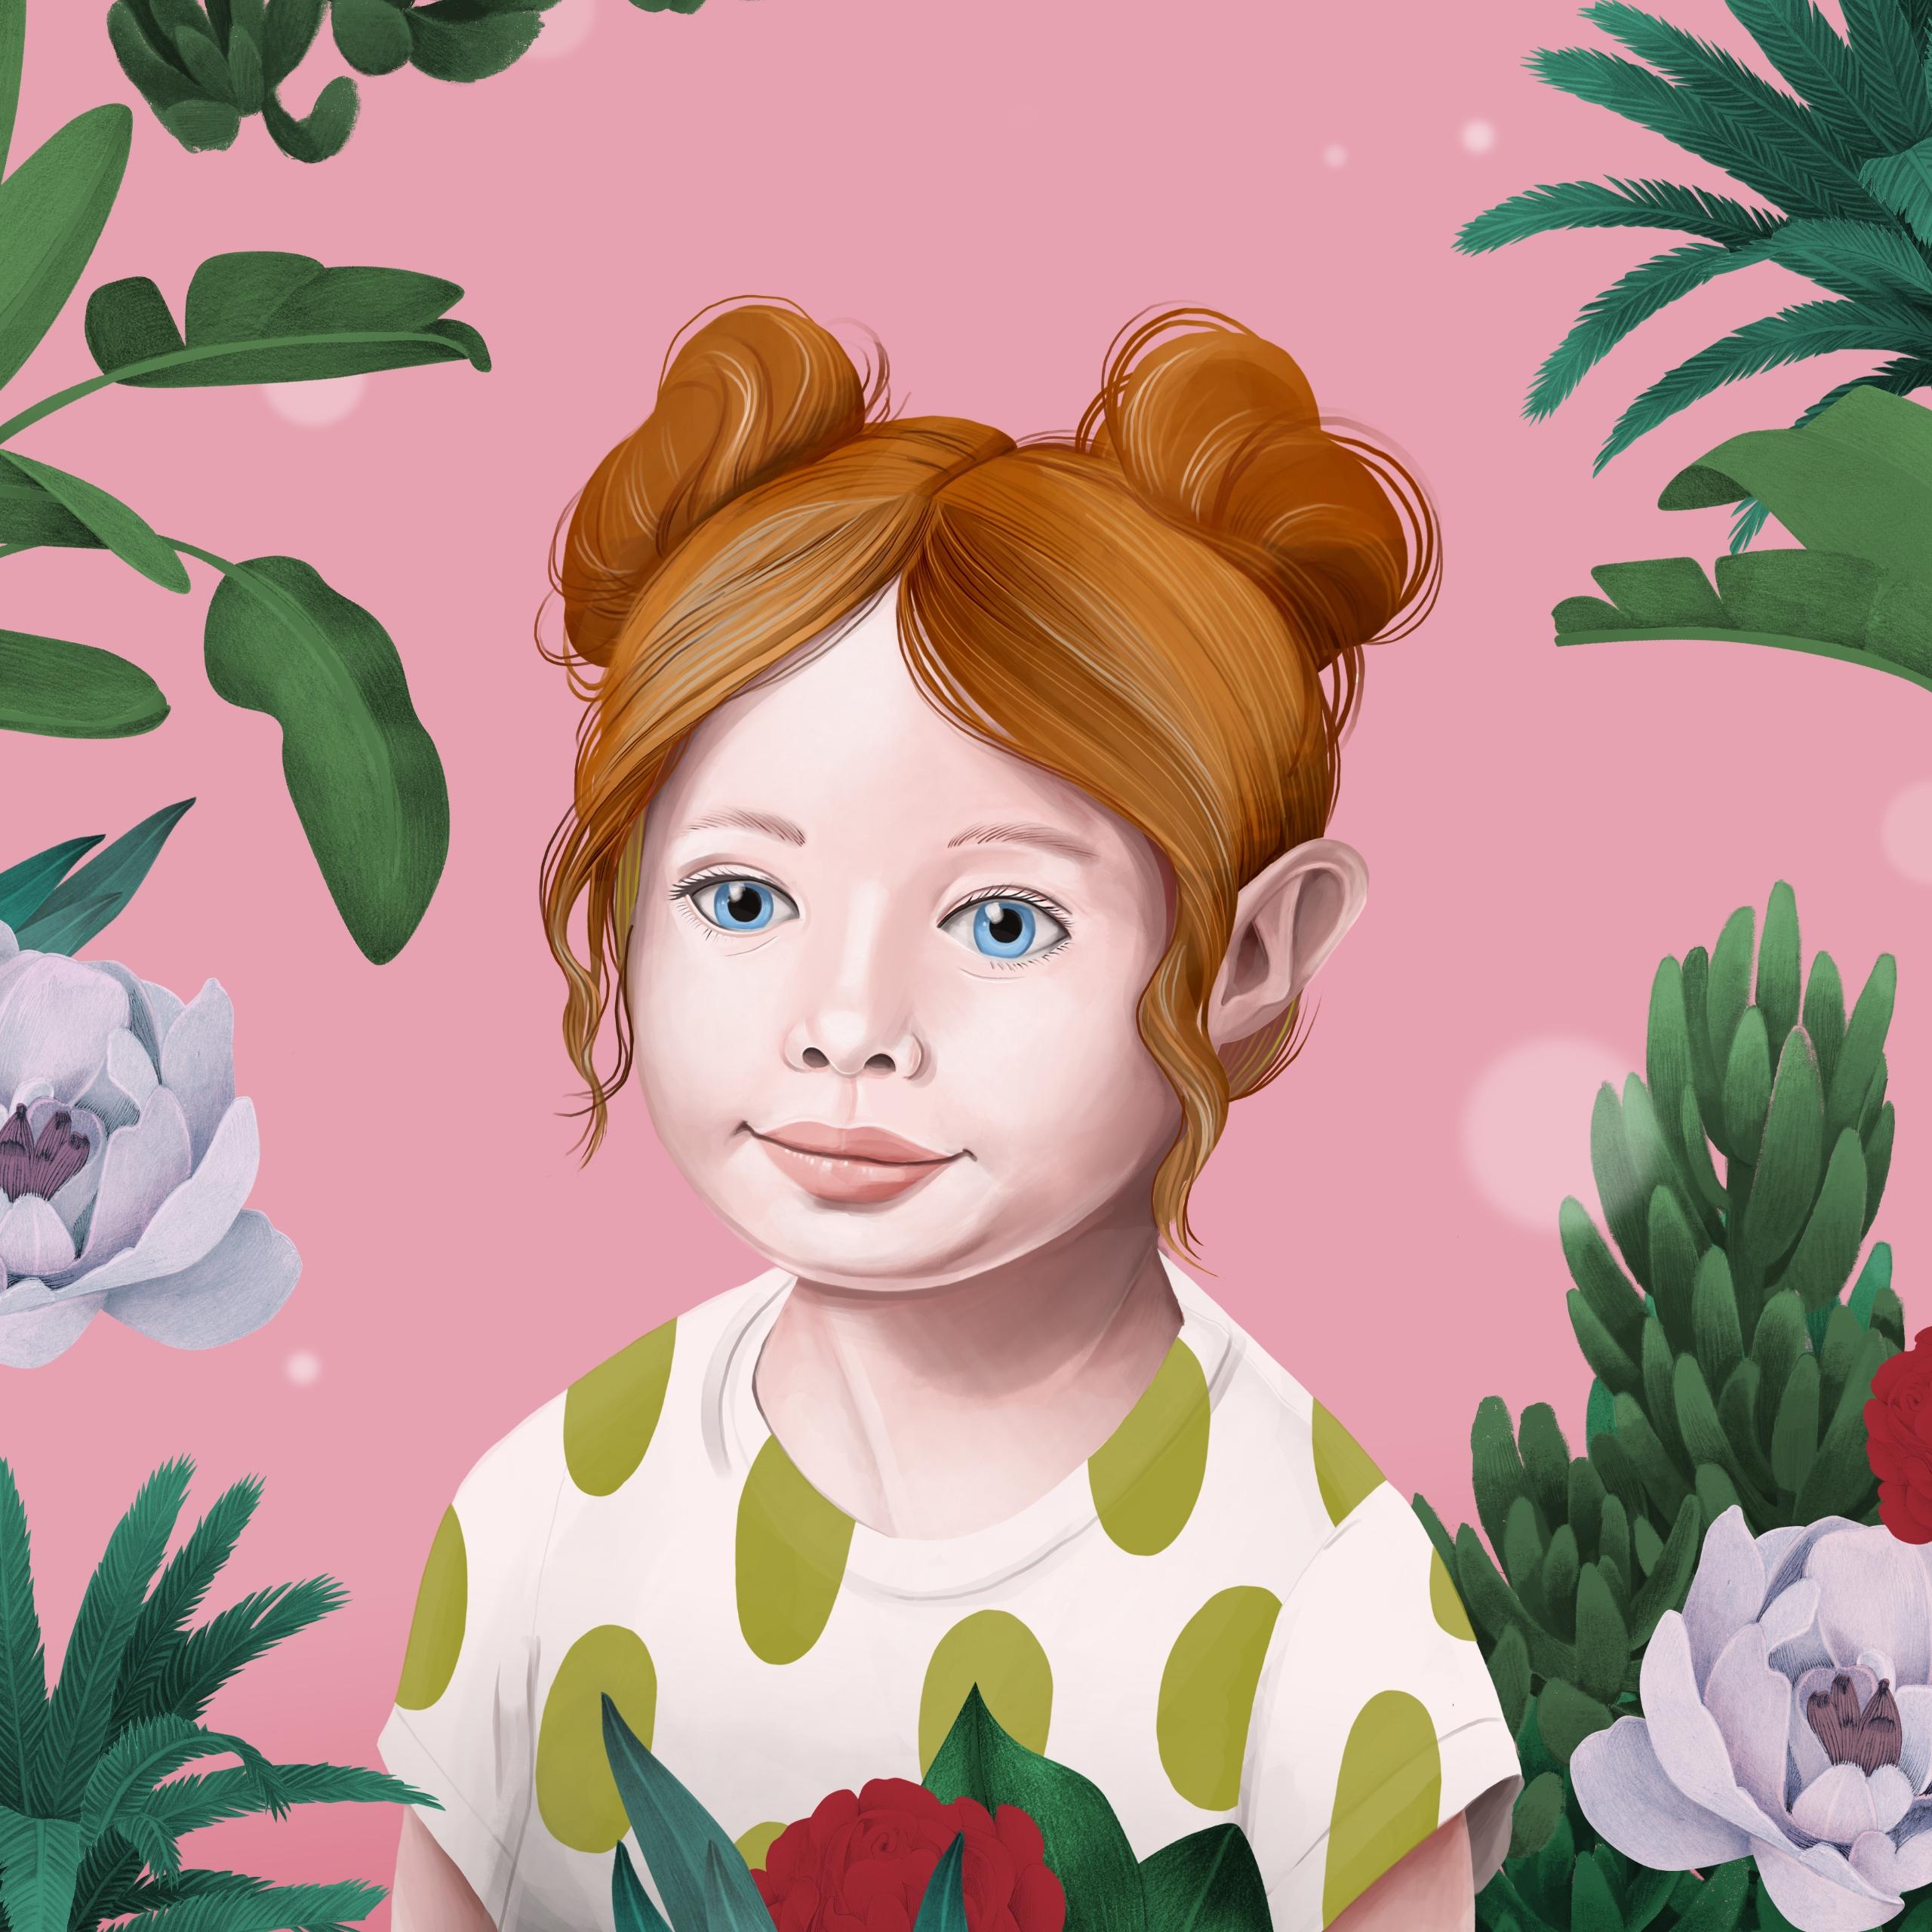 illustration, portrait, child - jutta-kivilompolo | ello